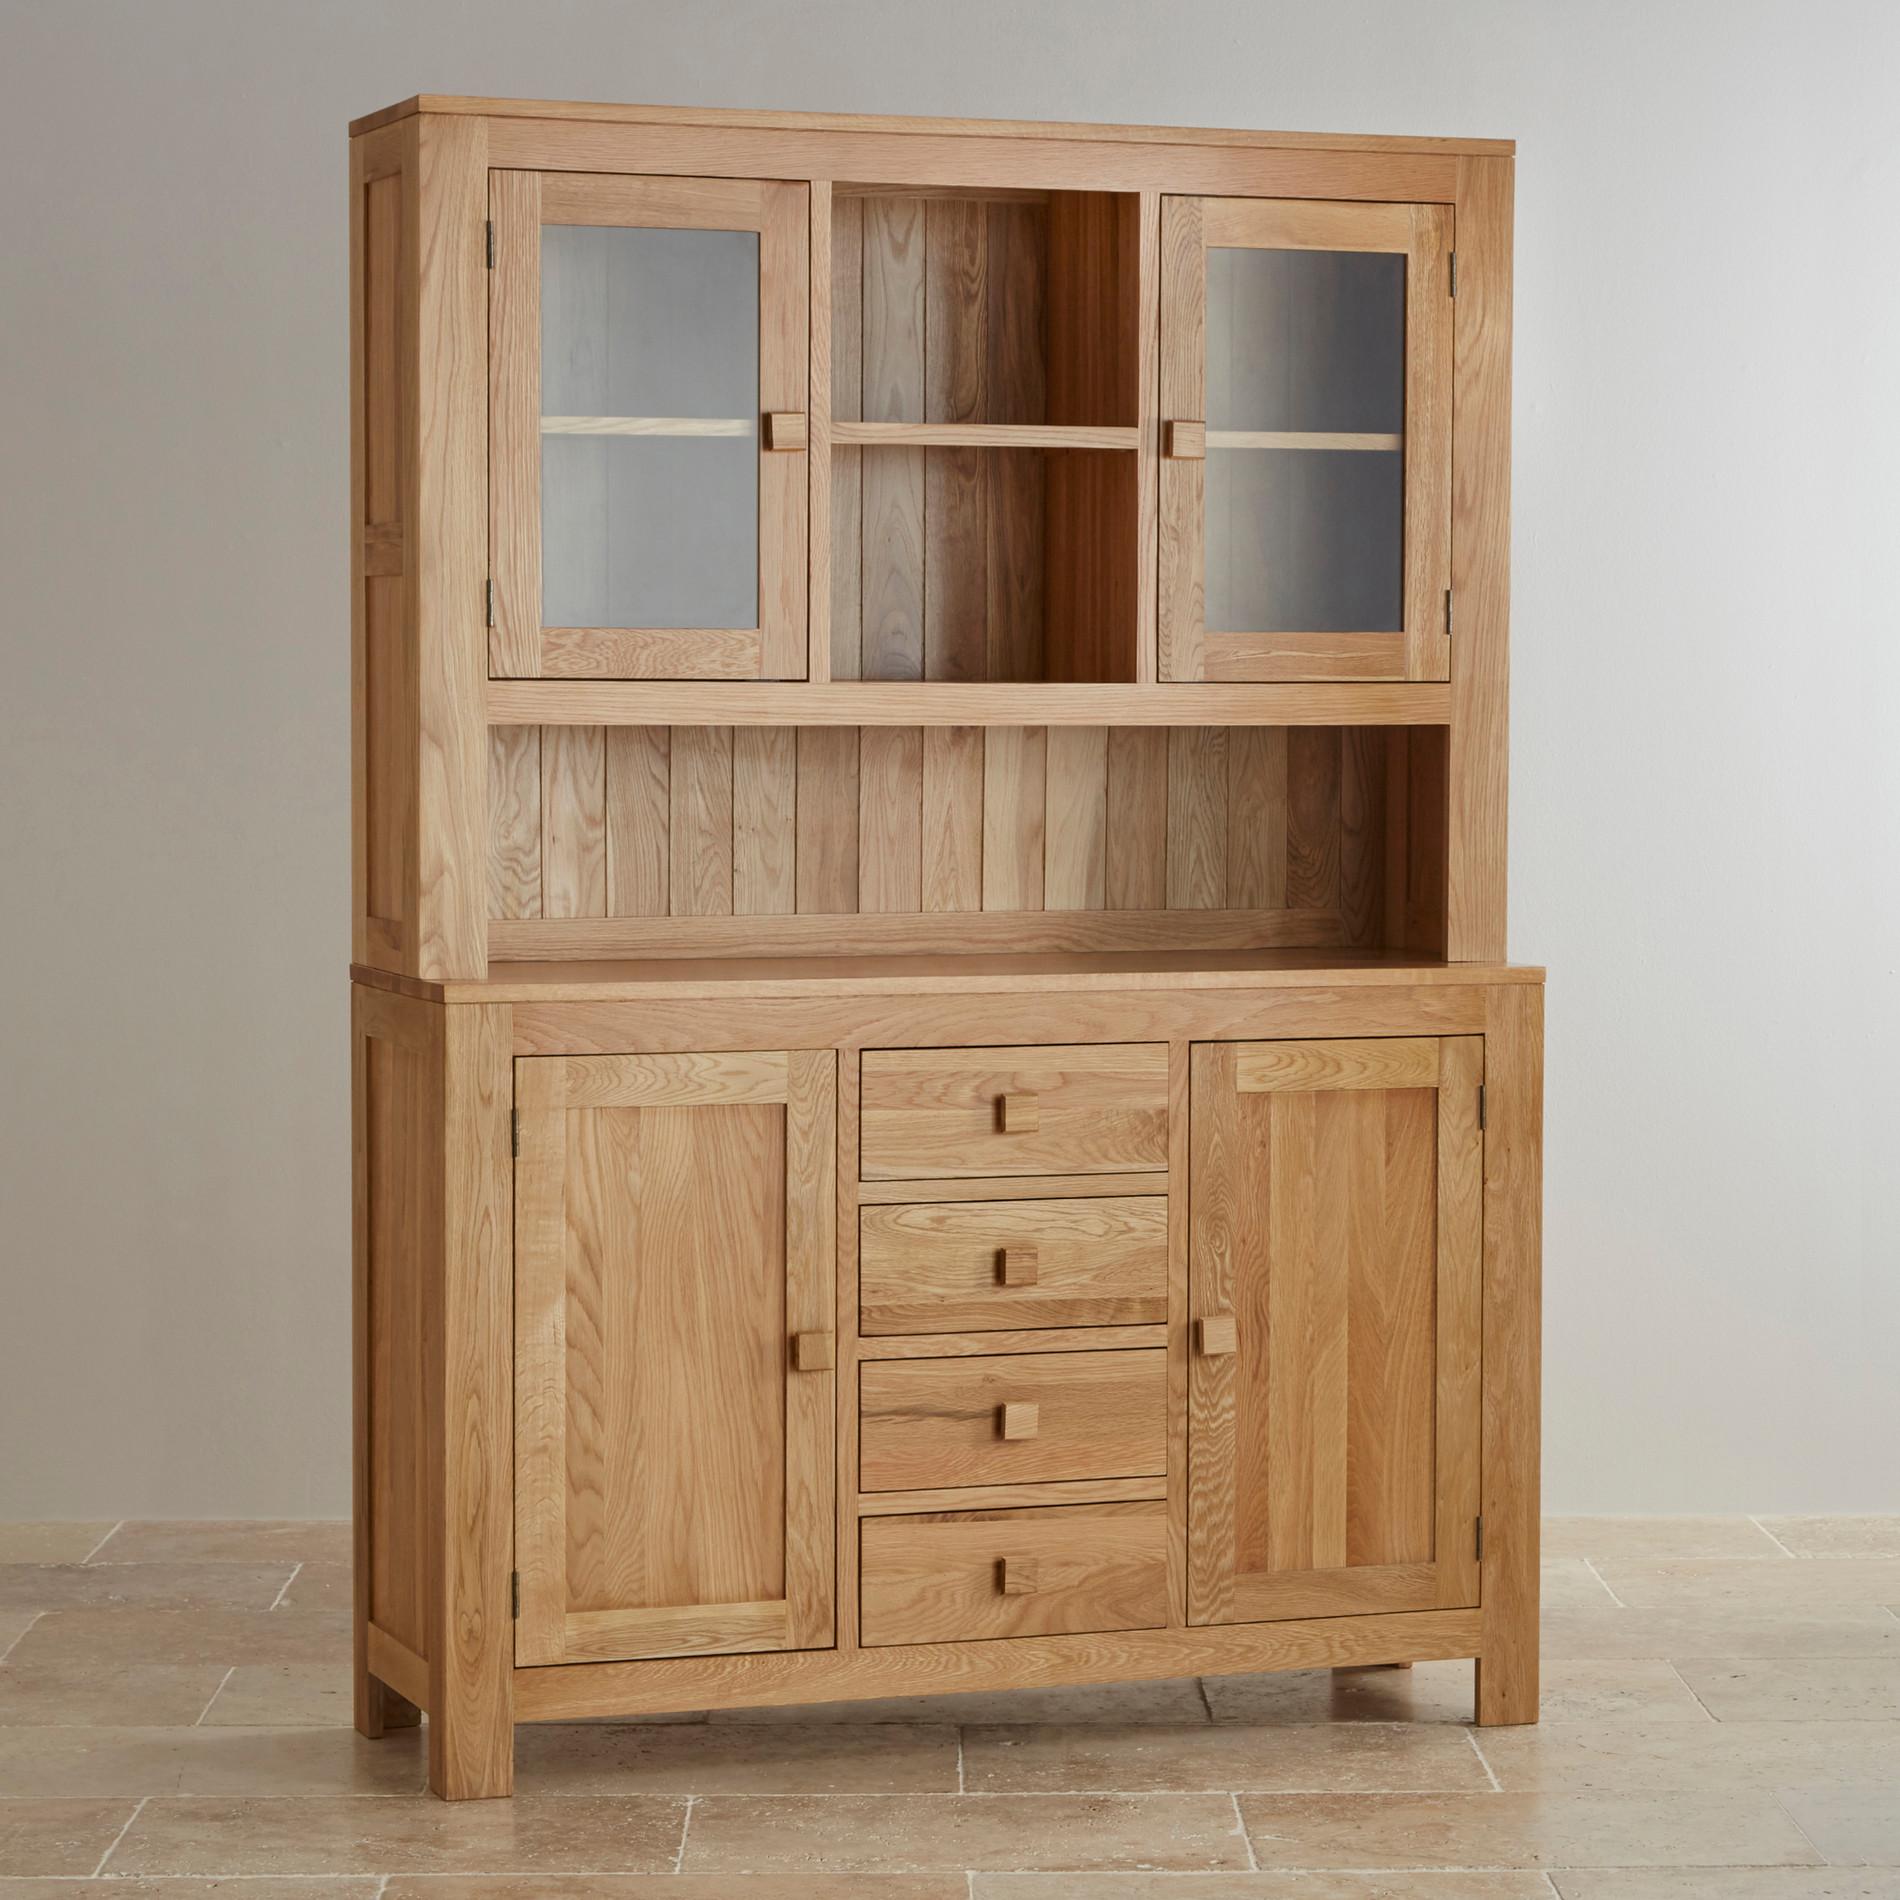 oakdale large welsh dresser in natural solid oak BQILQUM